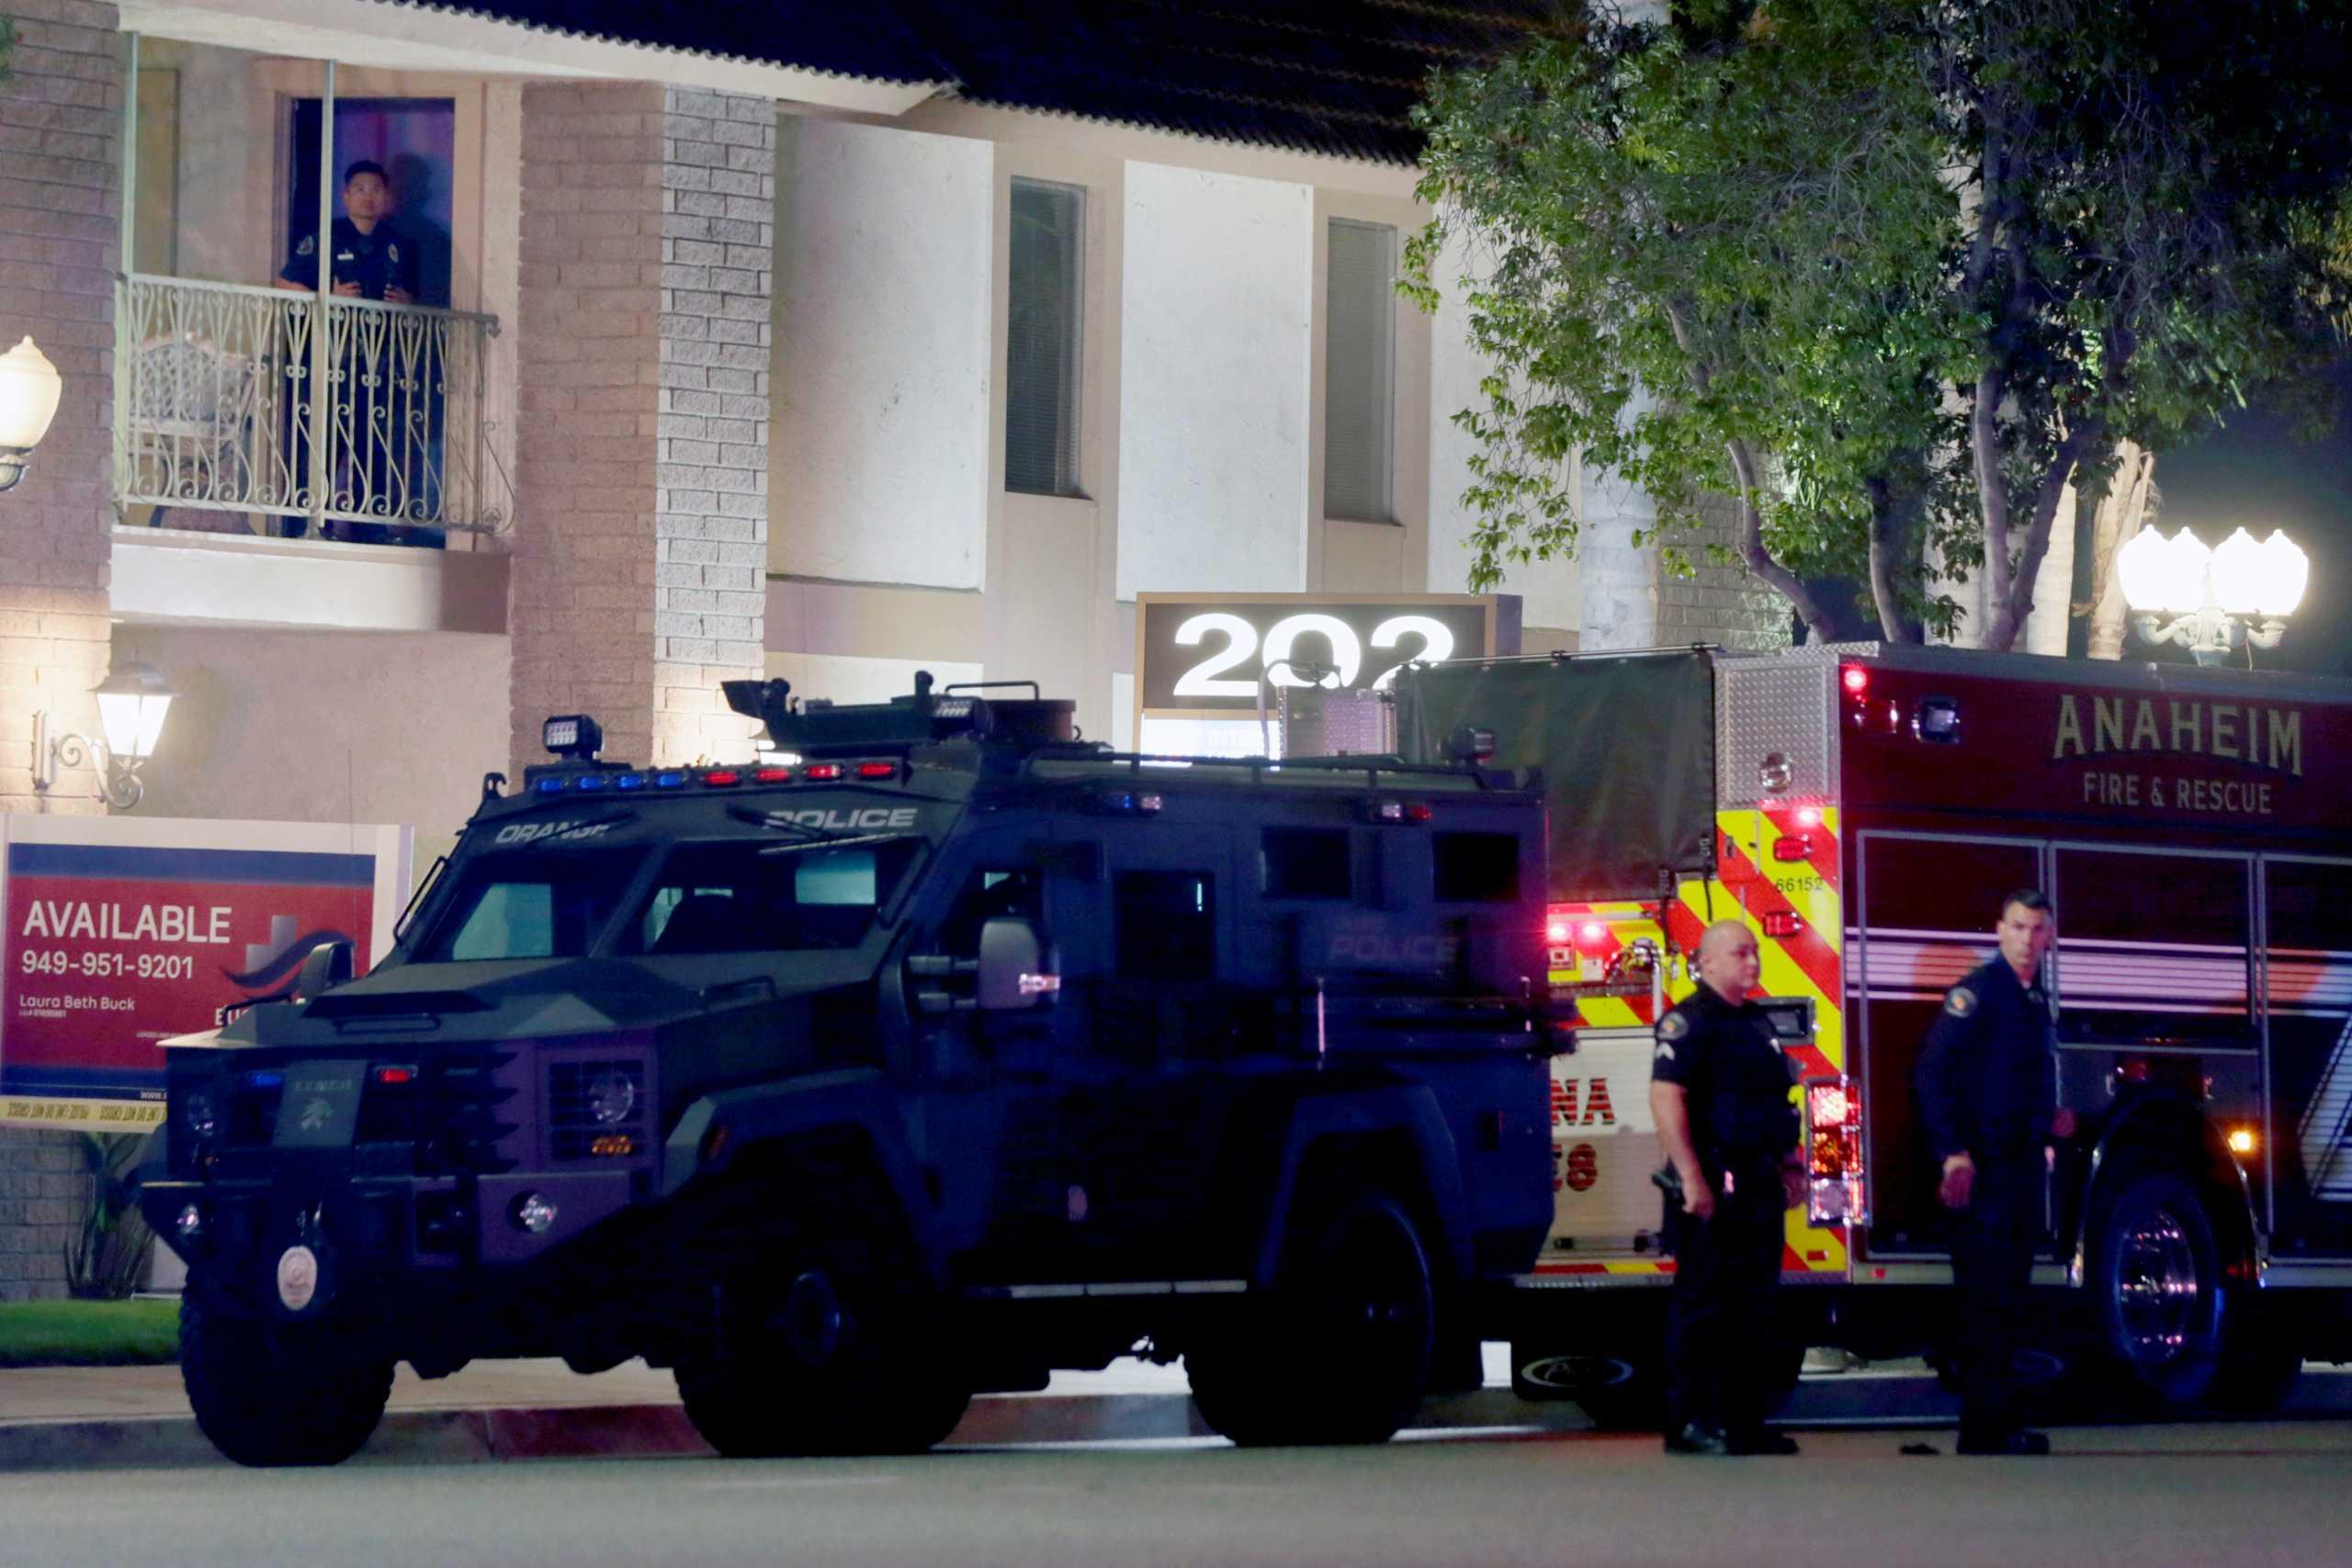 ΗΠΑ: Ο δράστης επίθεσης στην Καλιφόρνια με τους 4 νεκρούς γνώριζε τα θύματά του